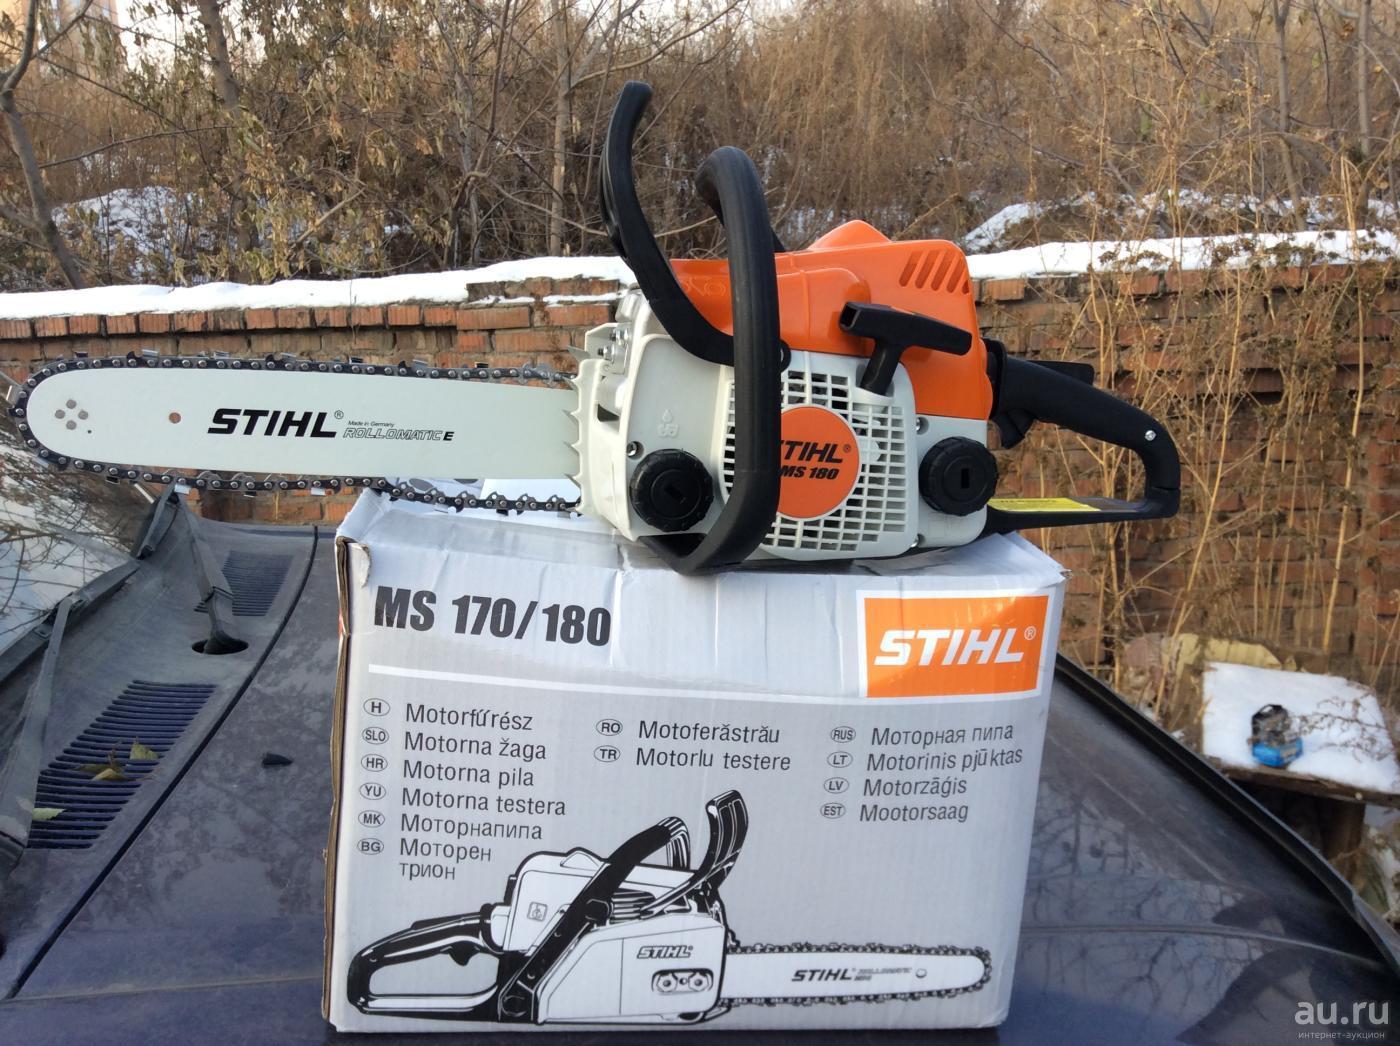 Бензопилы stihl (штиль): устройство и модельный ряд, решение основных проблем